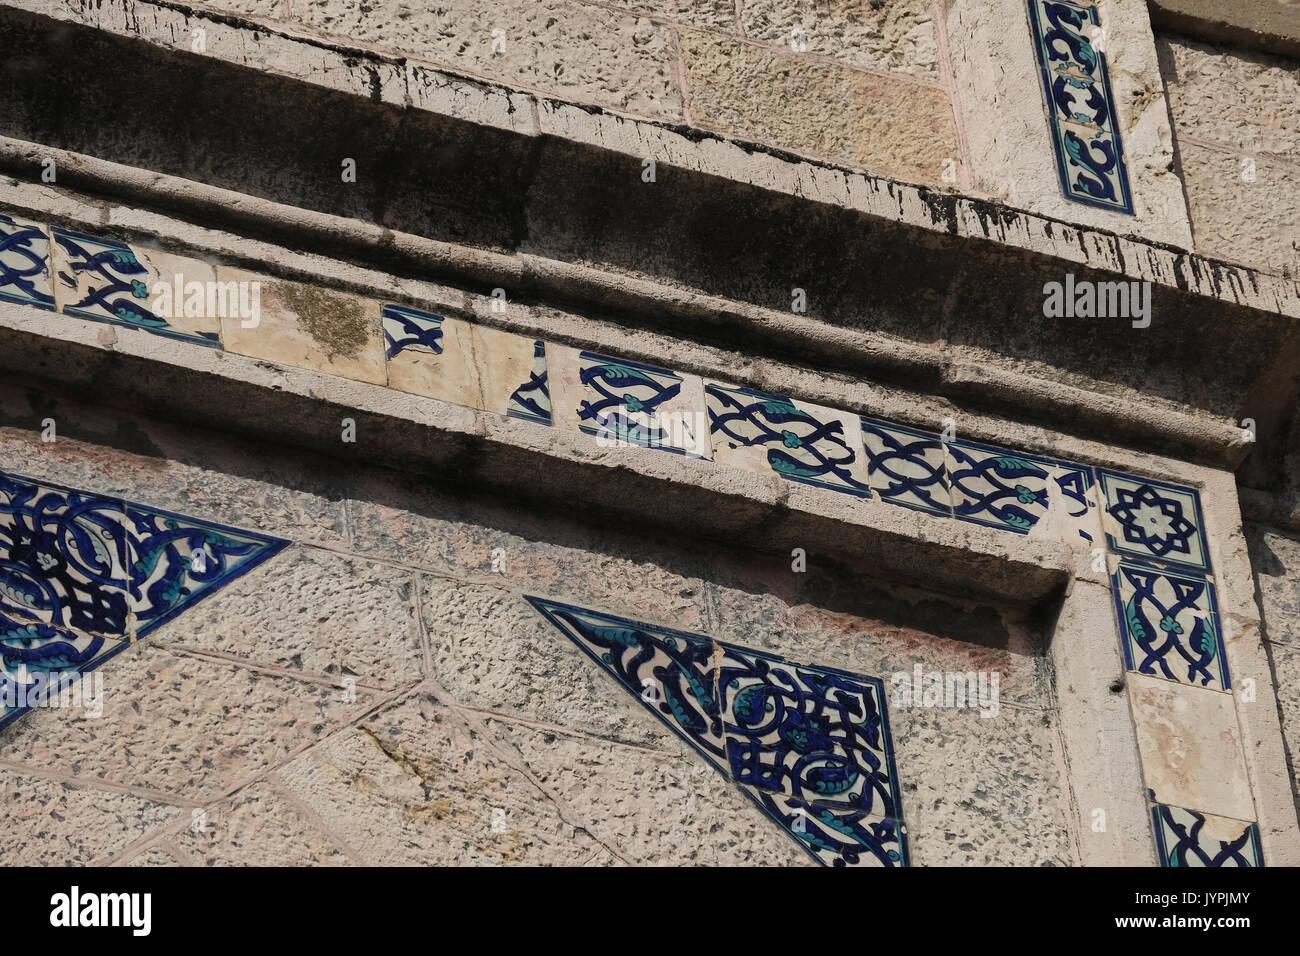 Decorazione di piastrelle facciata dellex casa araba di al masu